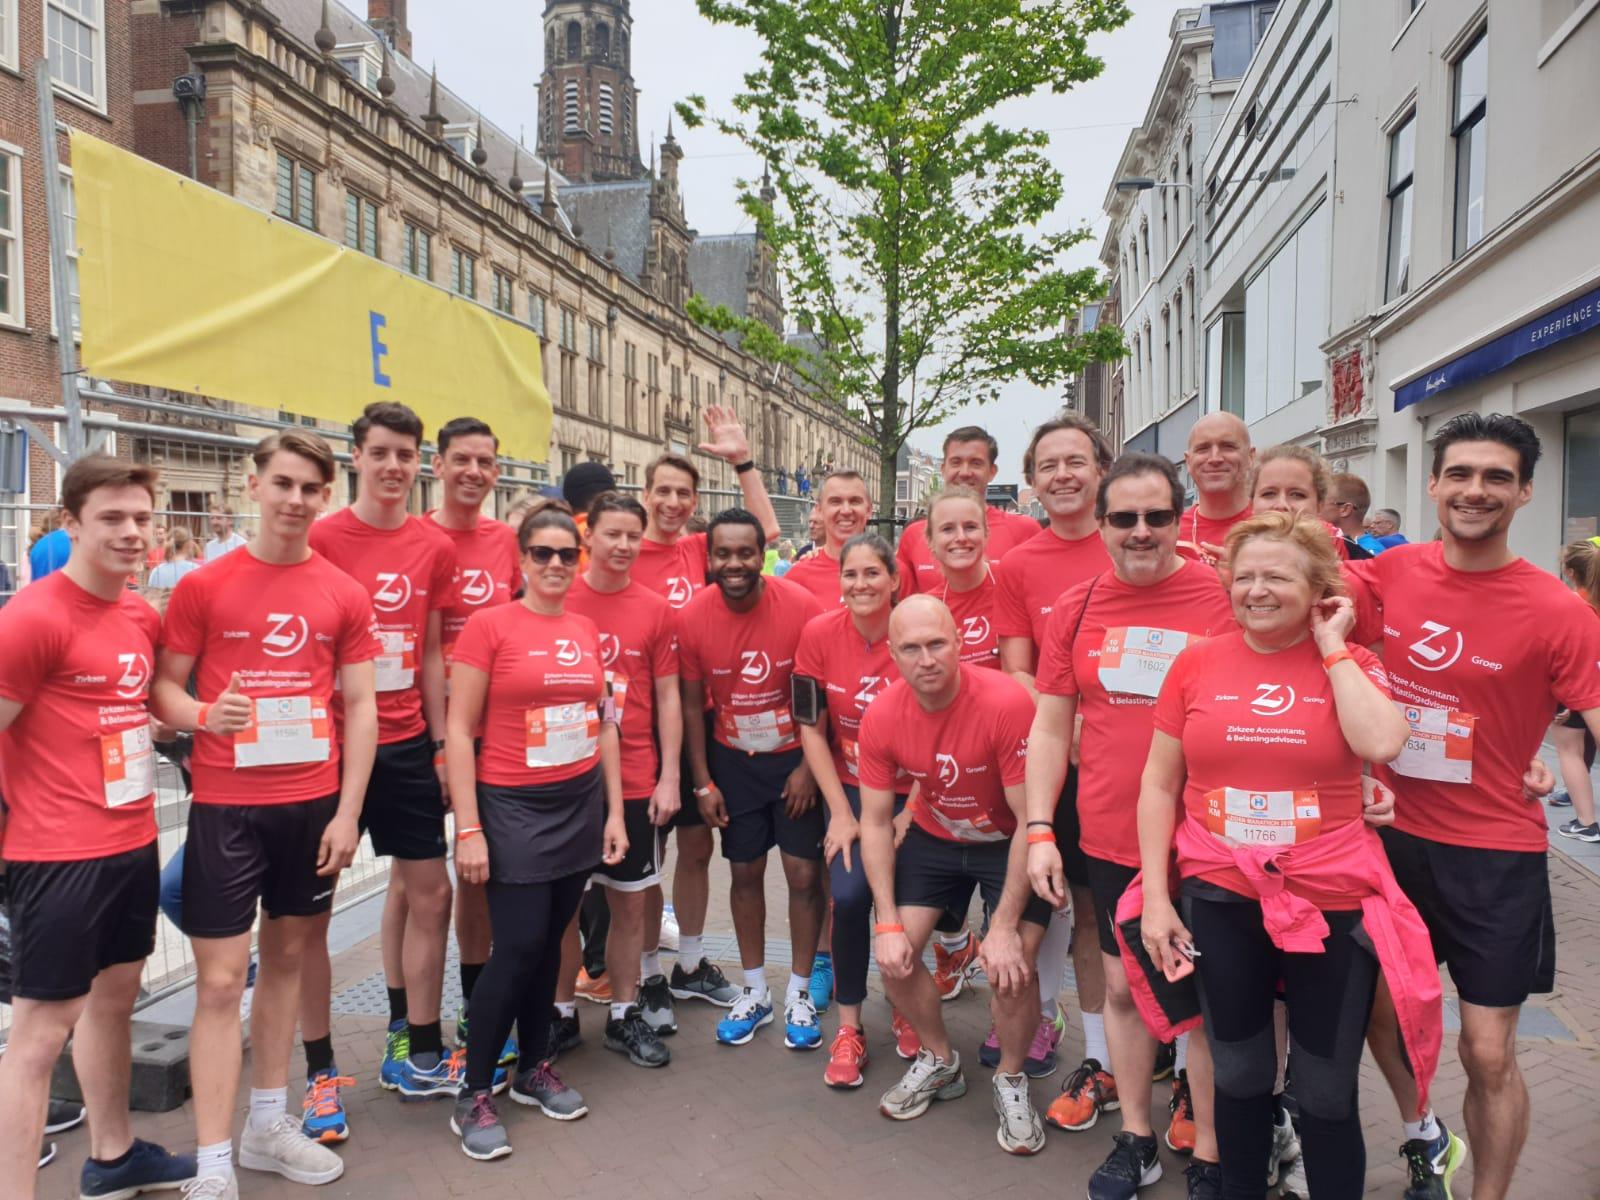 Zirkzee-groep Met 87 Renners Aan De Start Van De Leiden Marathon.